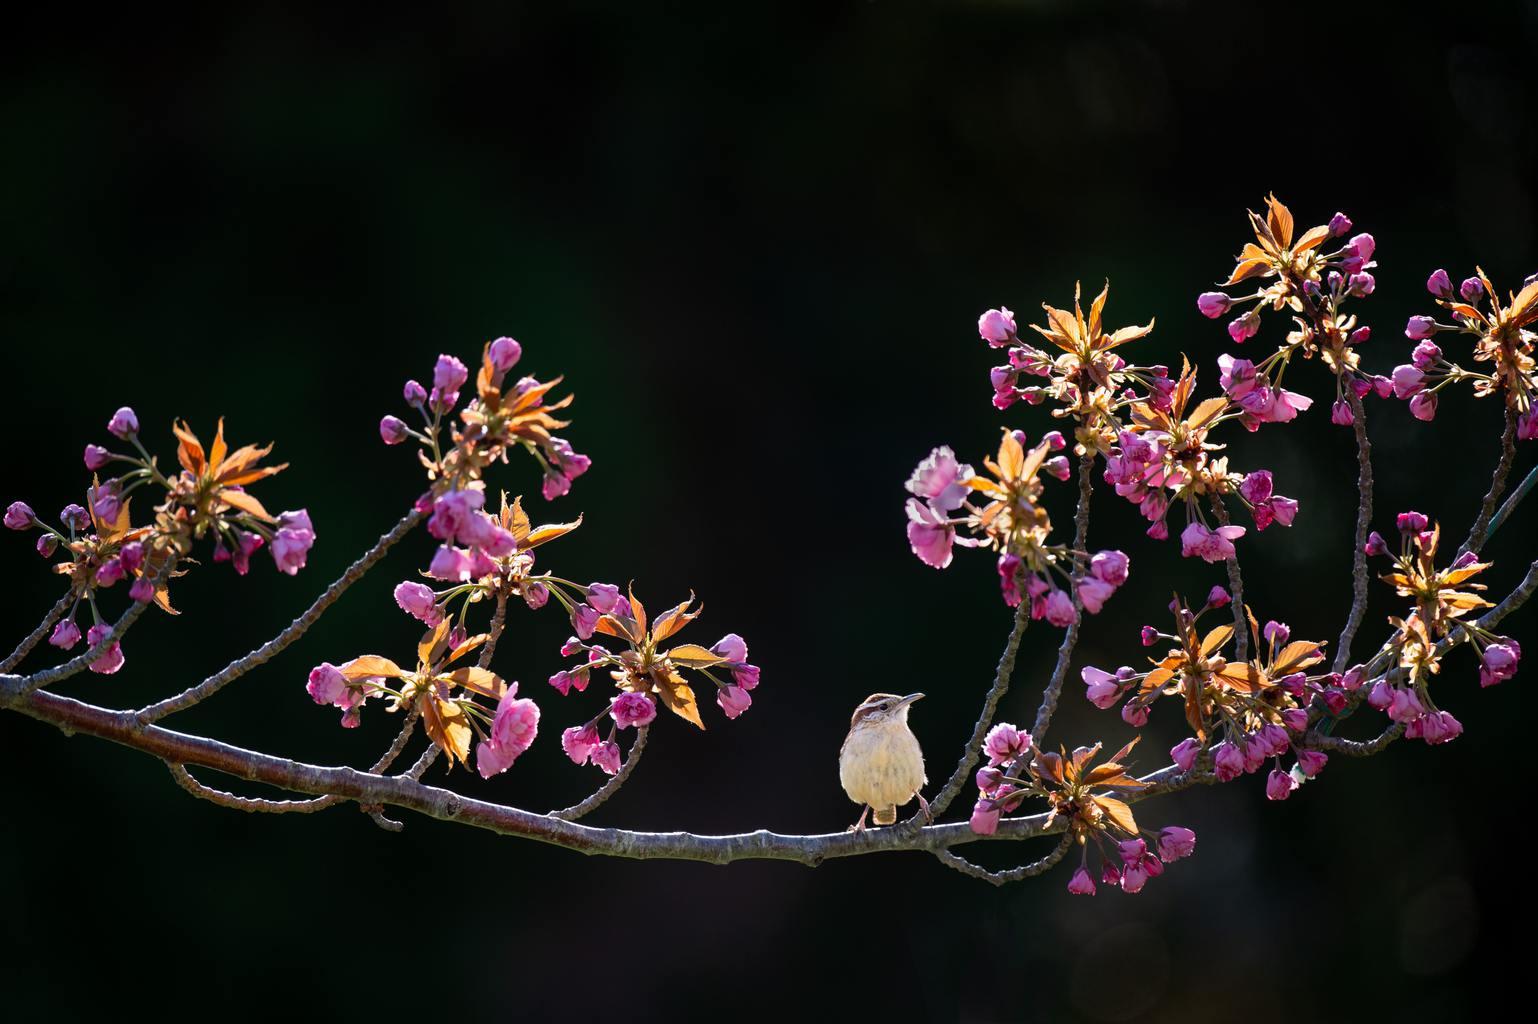 flores fondo oscuro